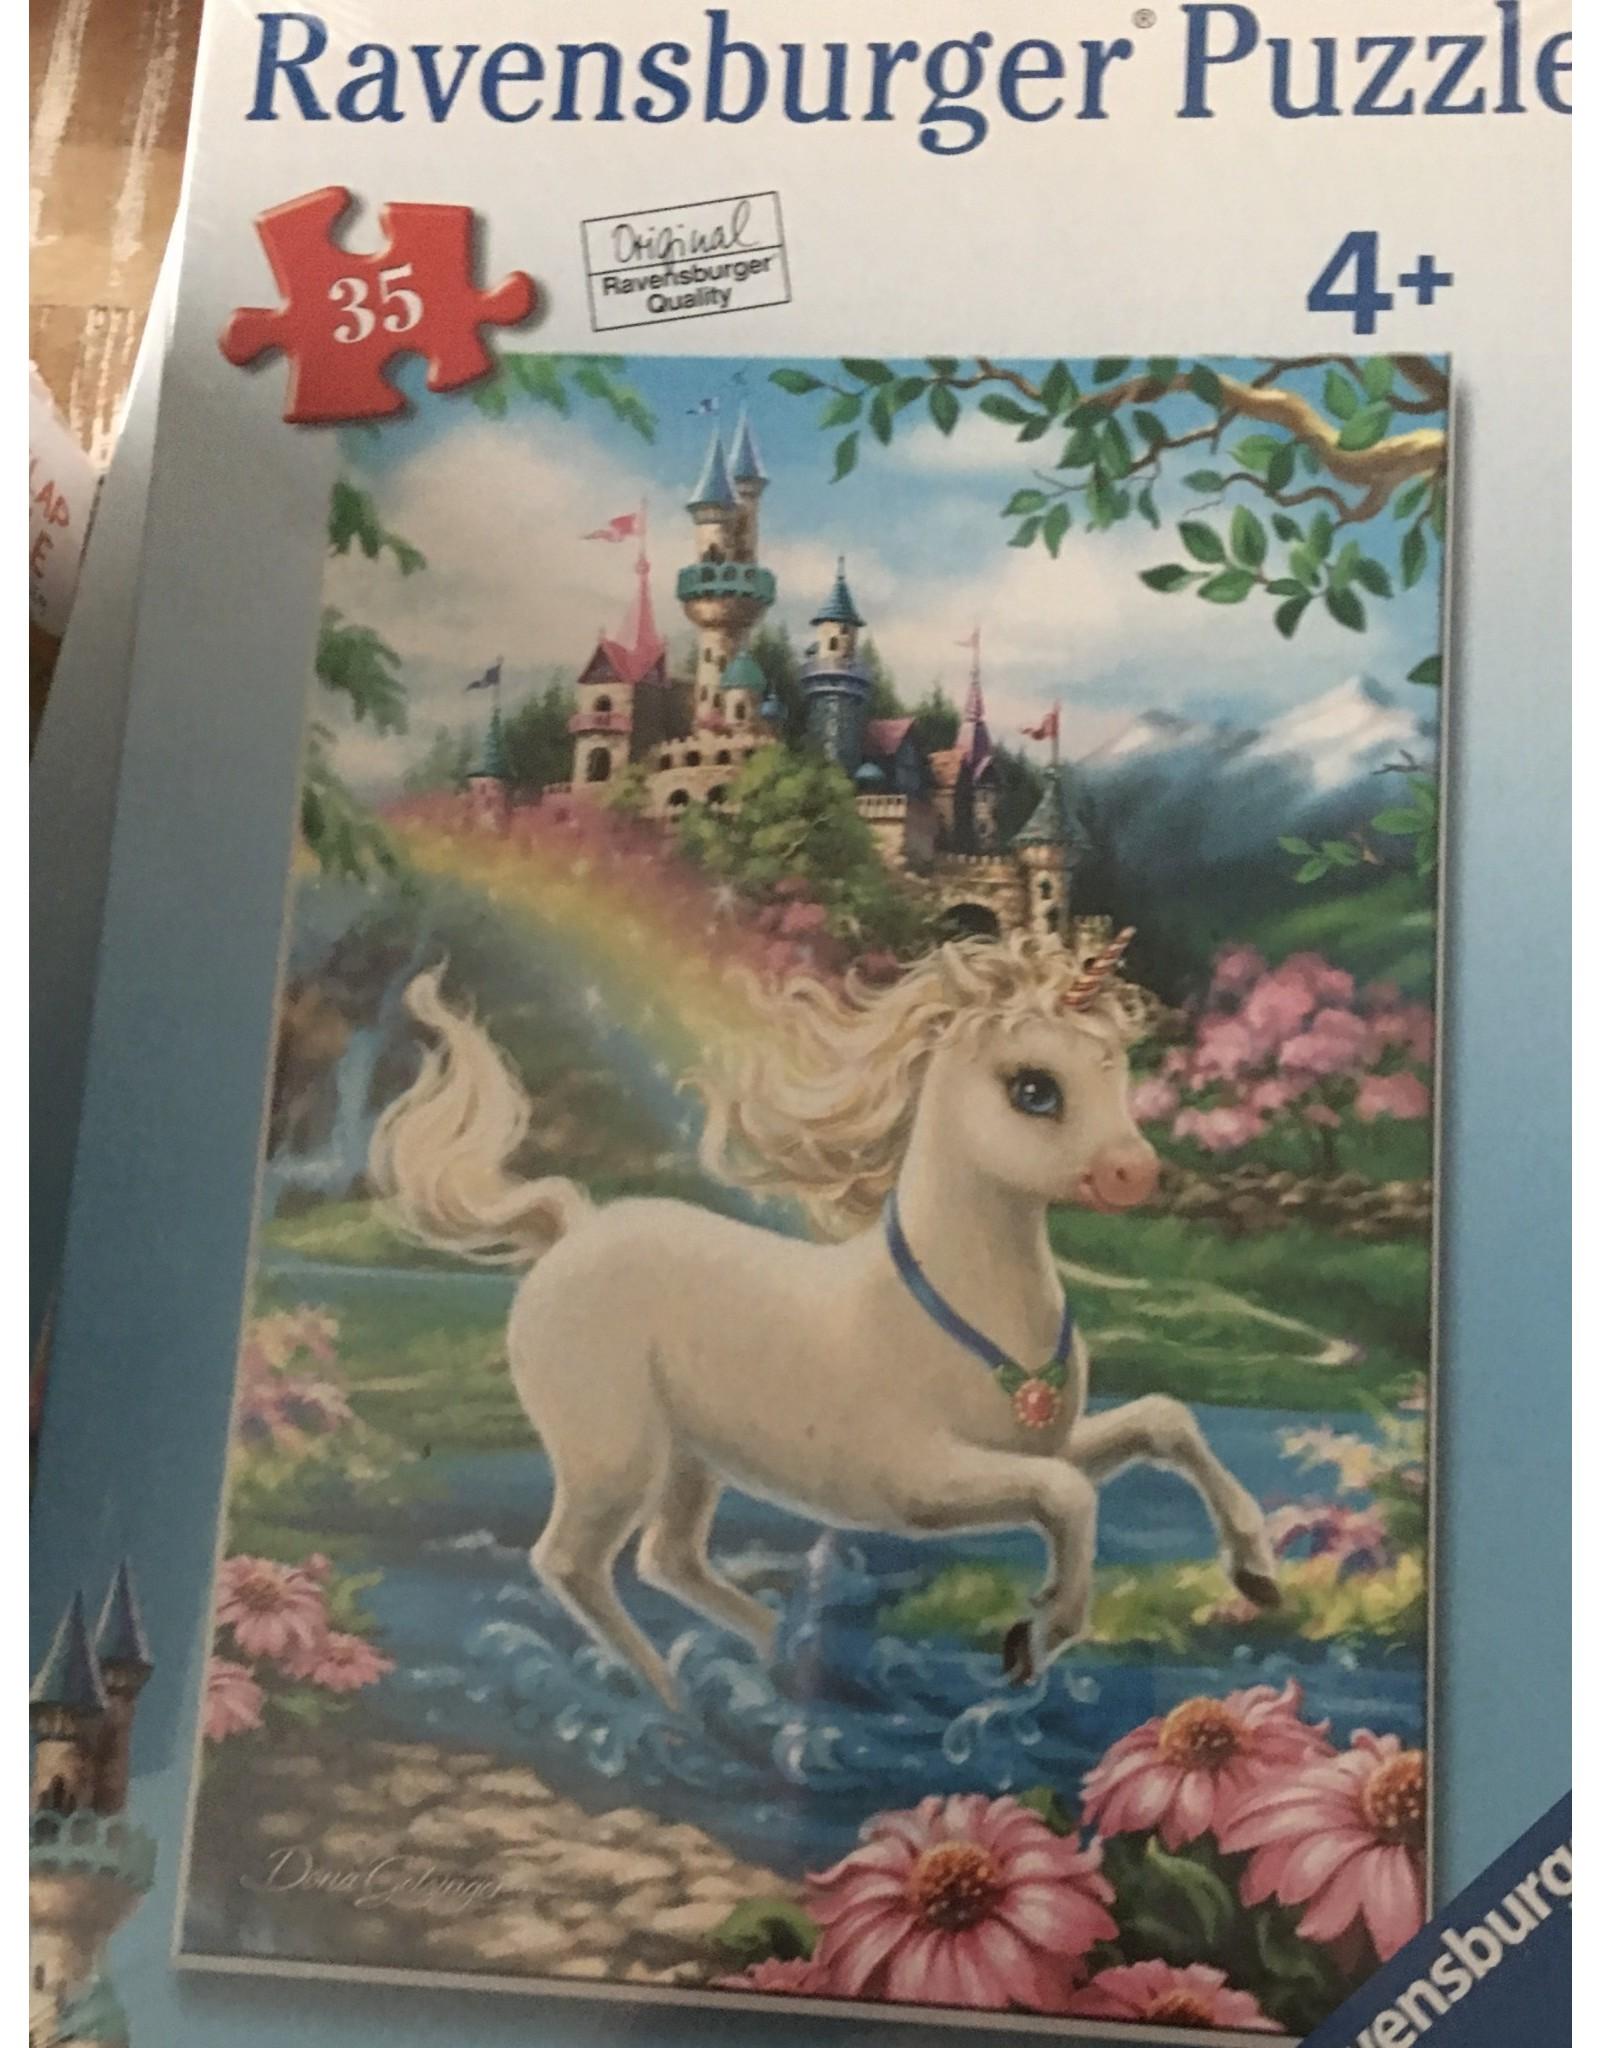 Ravensburger Puzzle Unicorn Castle 35pc